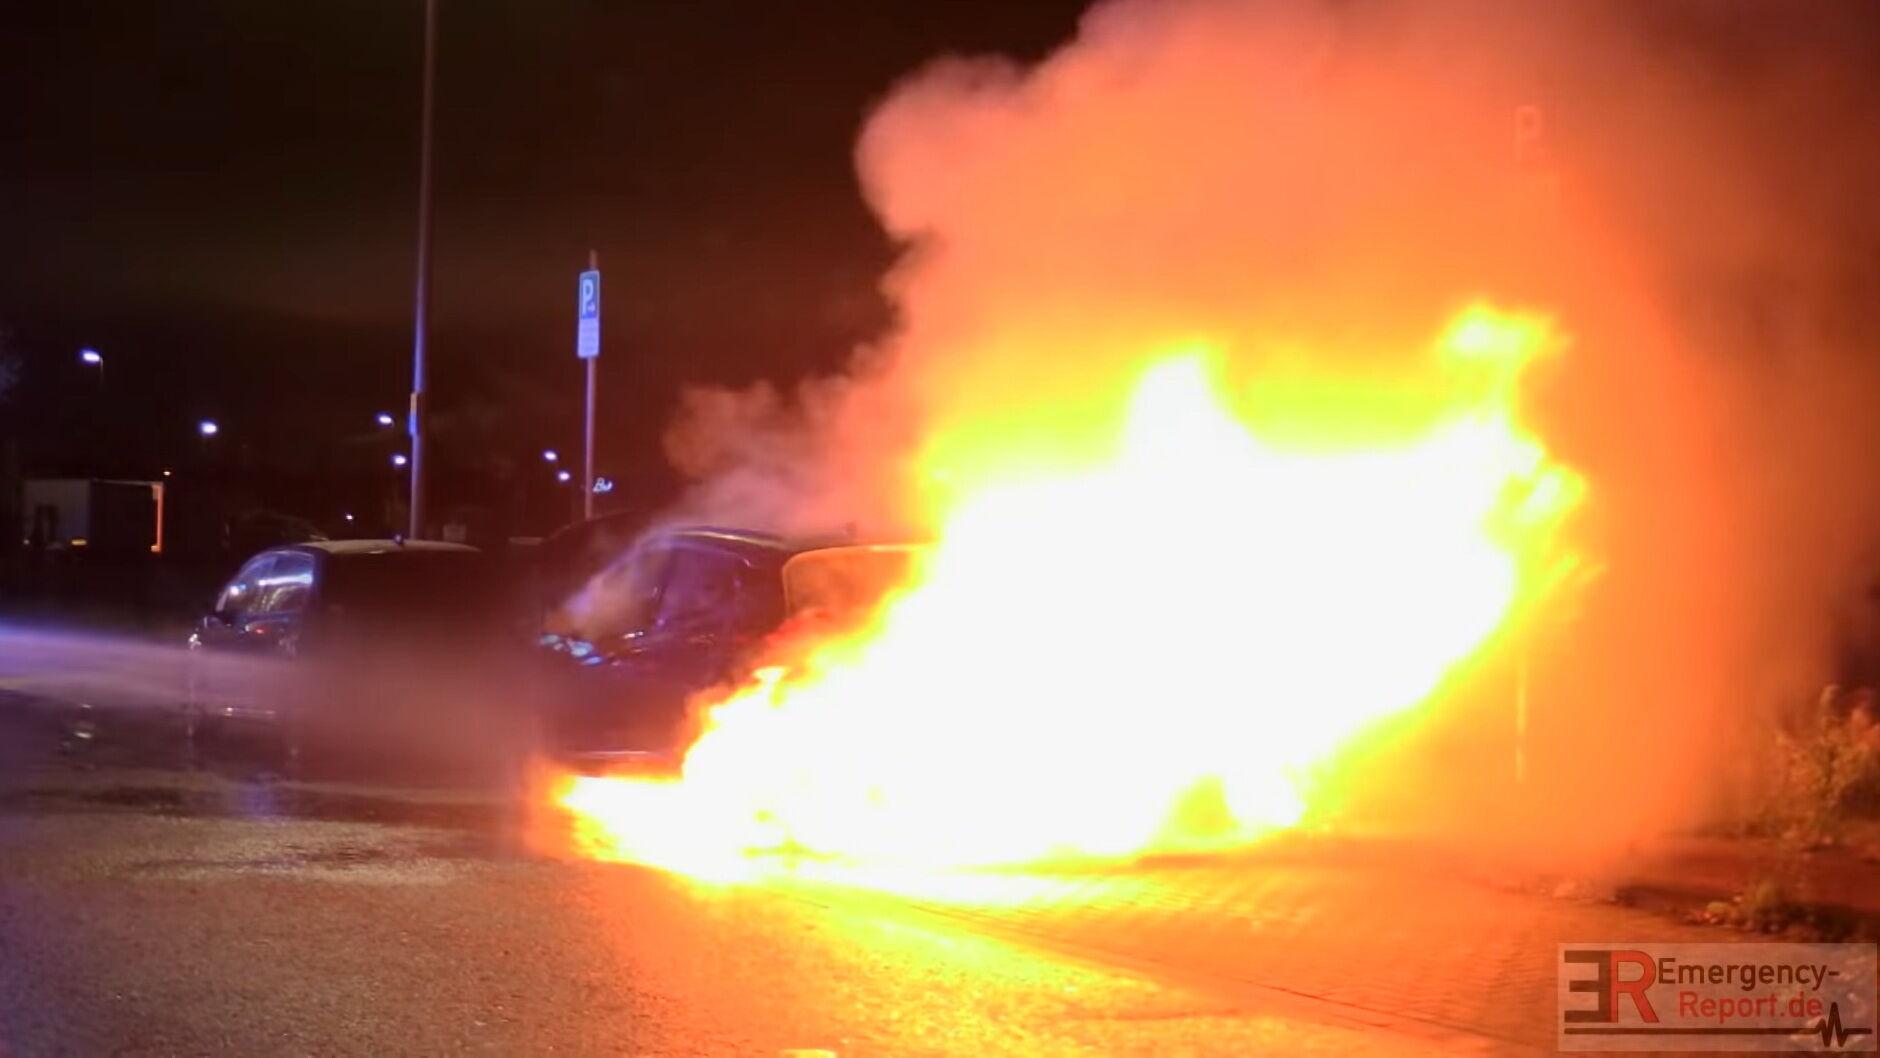 Несмотря на все усилия, пожар не утихал и спустя некоторое время перекинулся к задней части машины